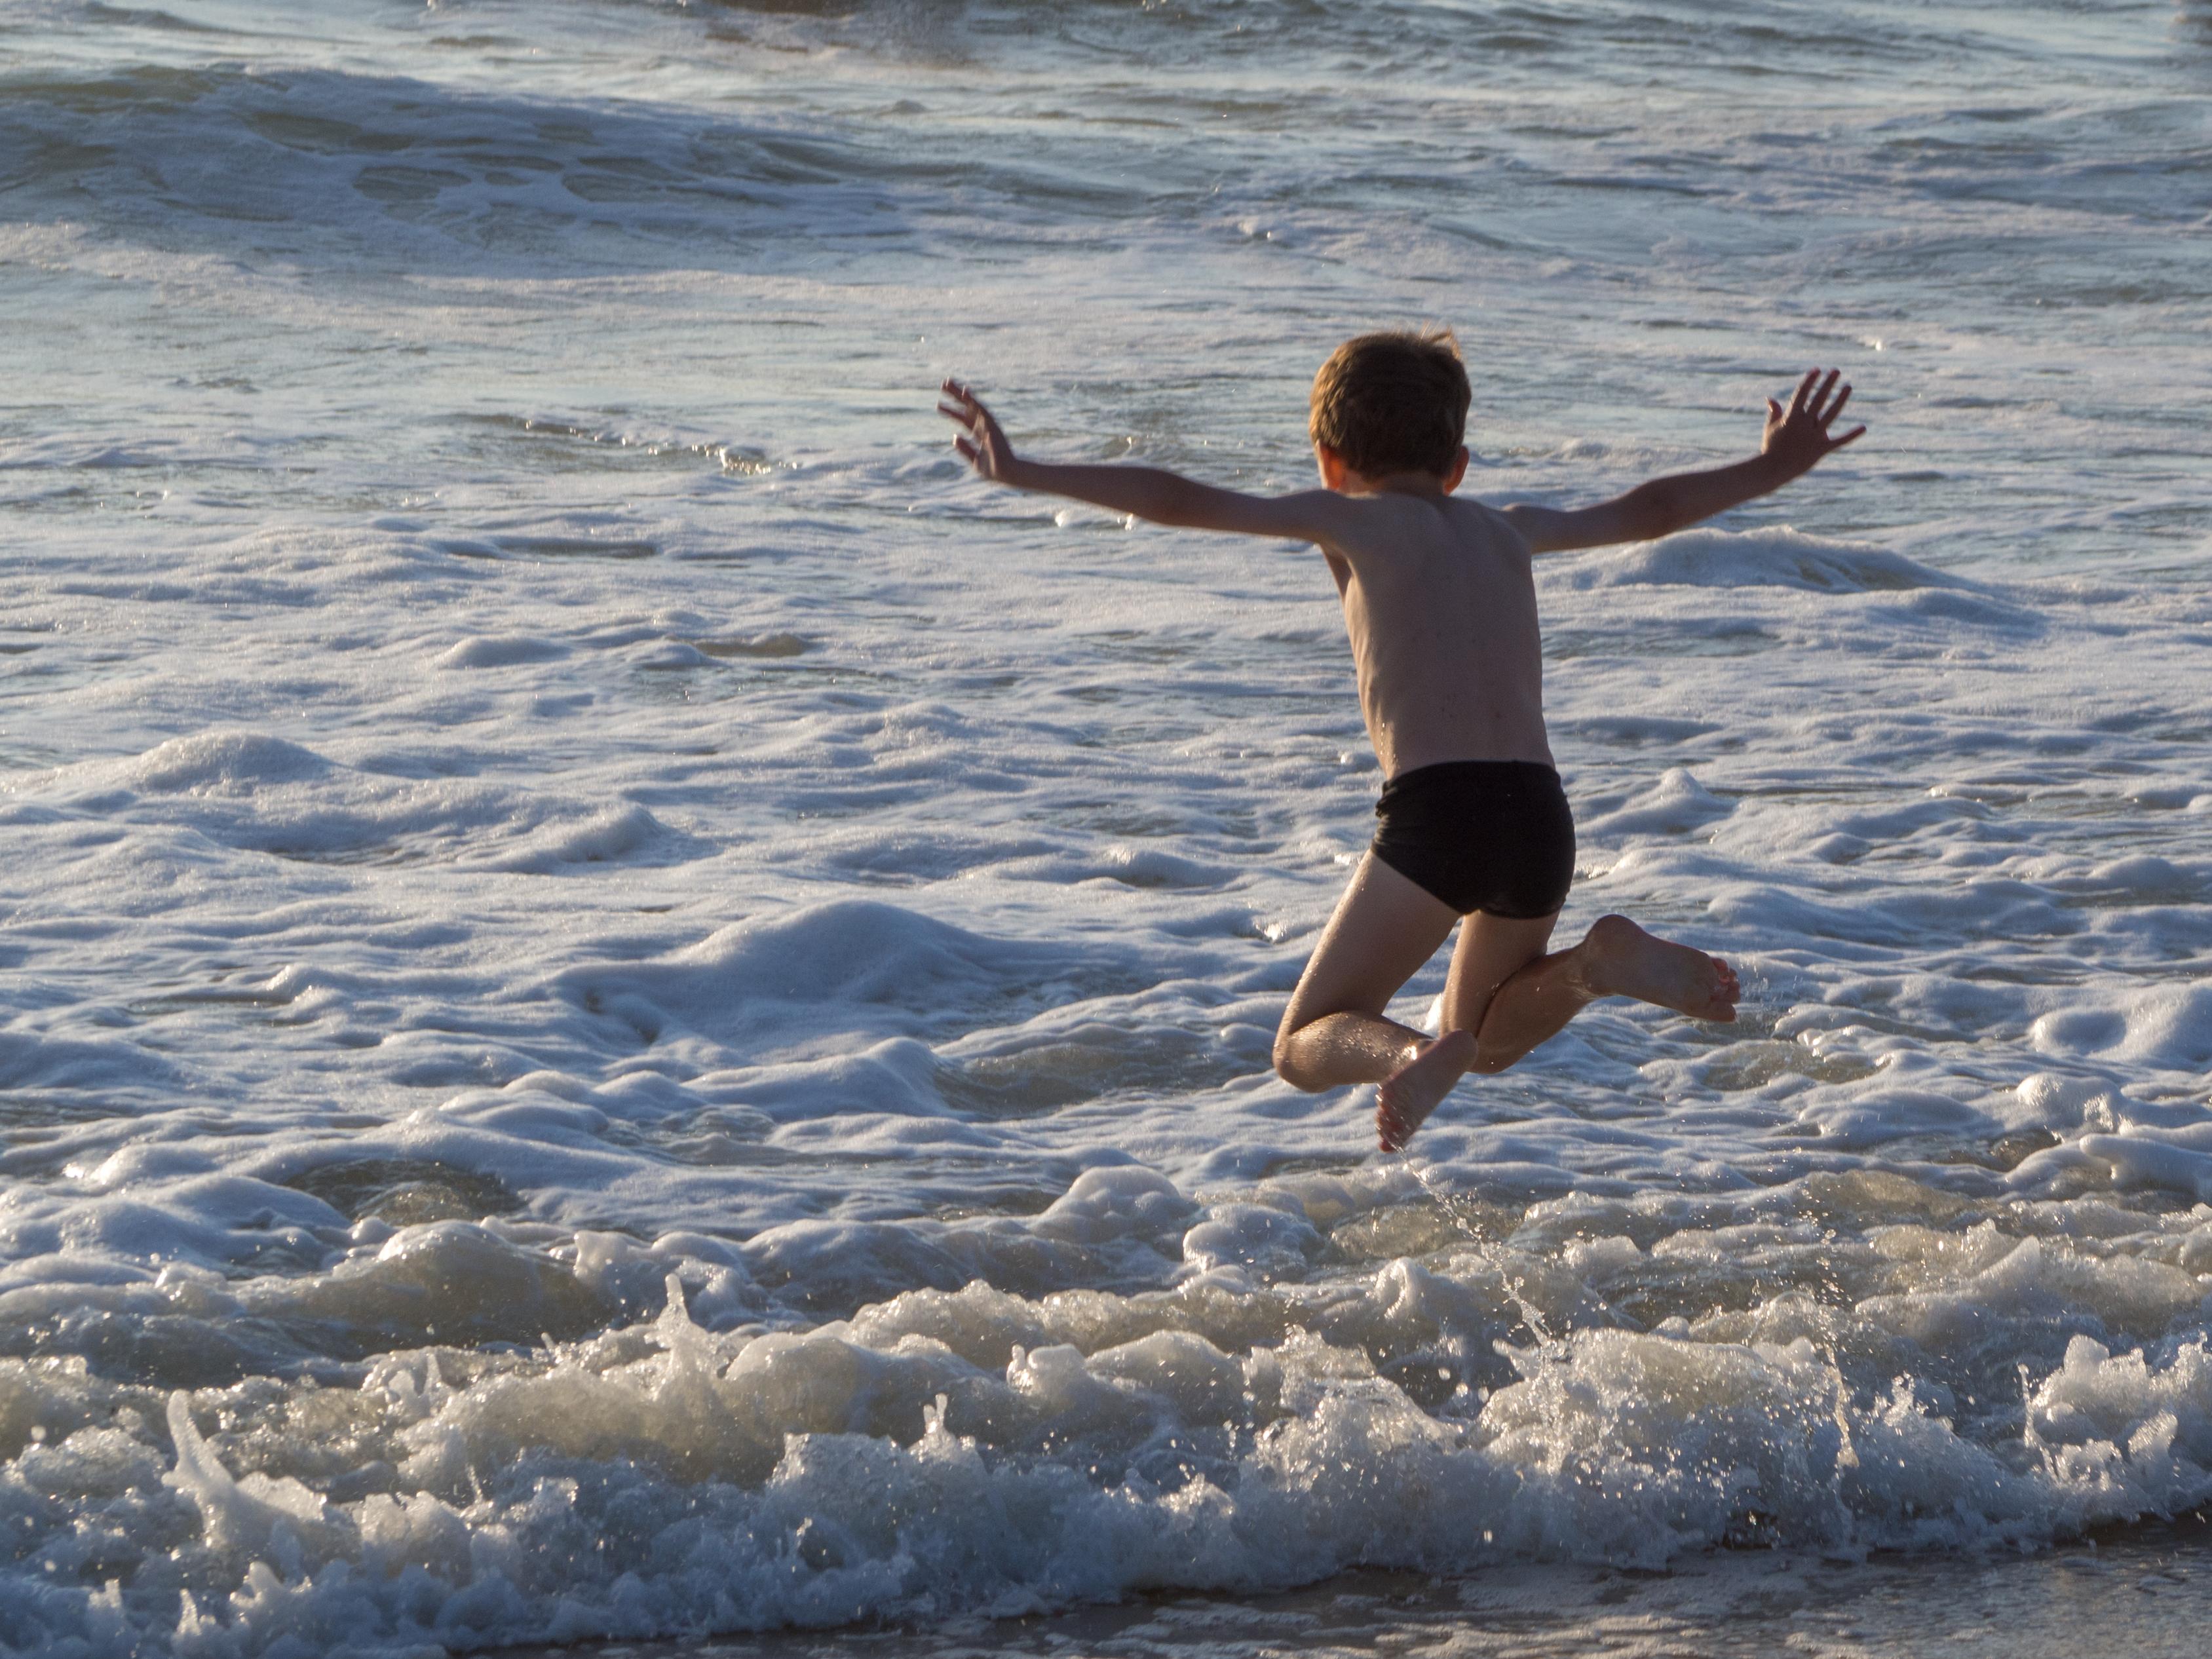 Défis photo en vacances - Défi no 28 : arrêt sur image - le grand saut